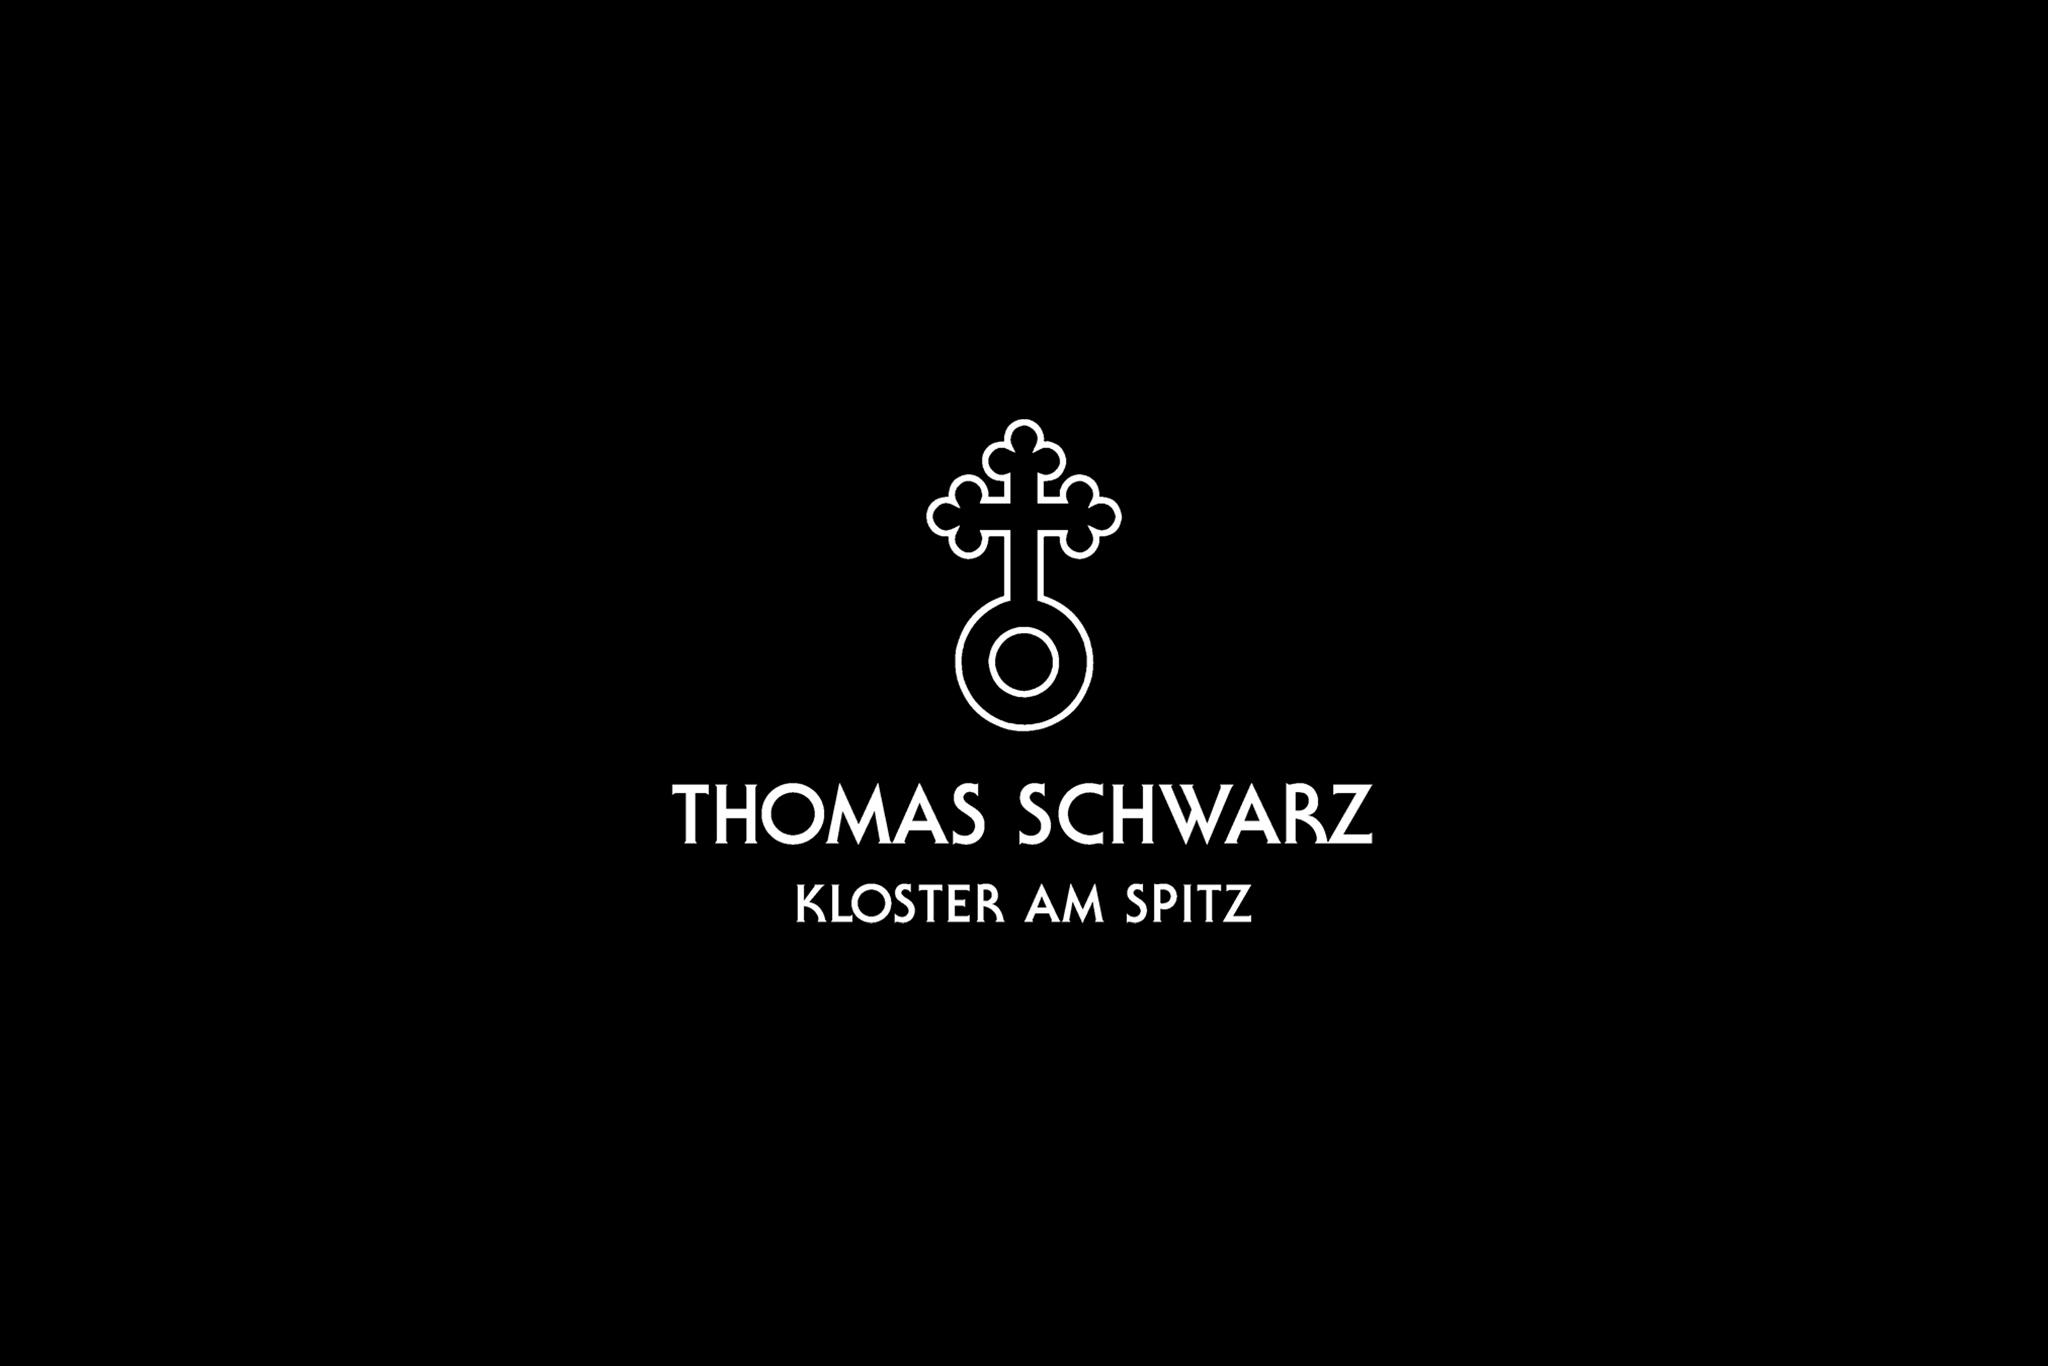 WEINGUT THOMAS SCHWARZ | KLOSTER AM SPITZ